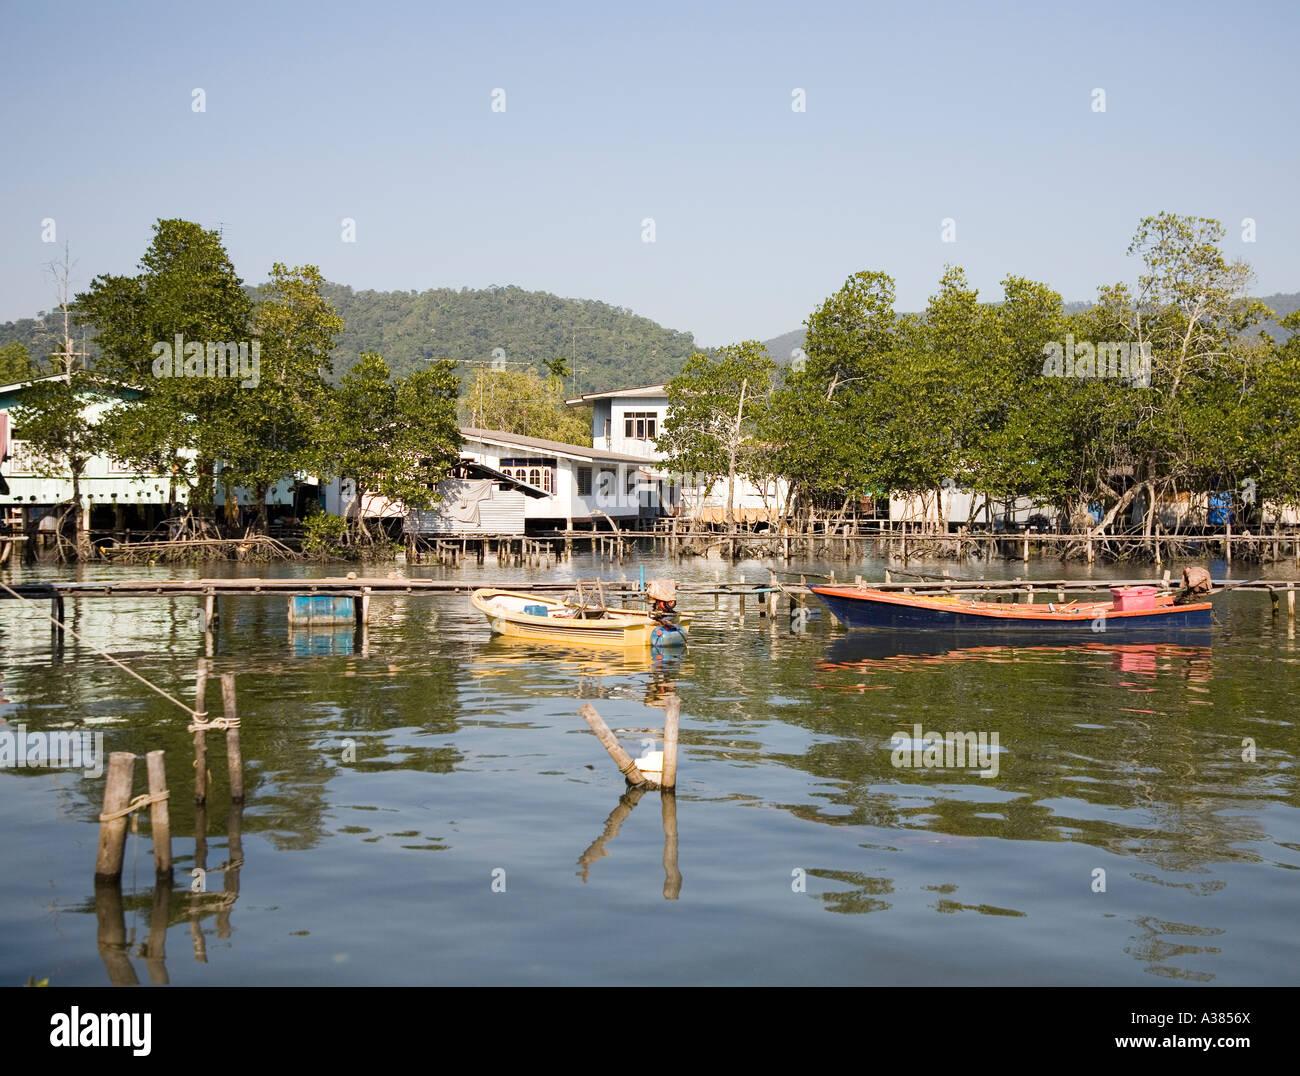 Ban Salak Phet Fishing Village Ko Chang Thailand South East Asia - Stock Image